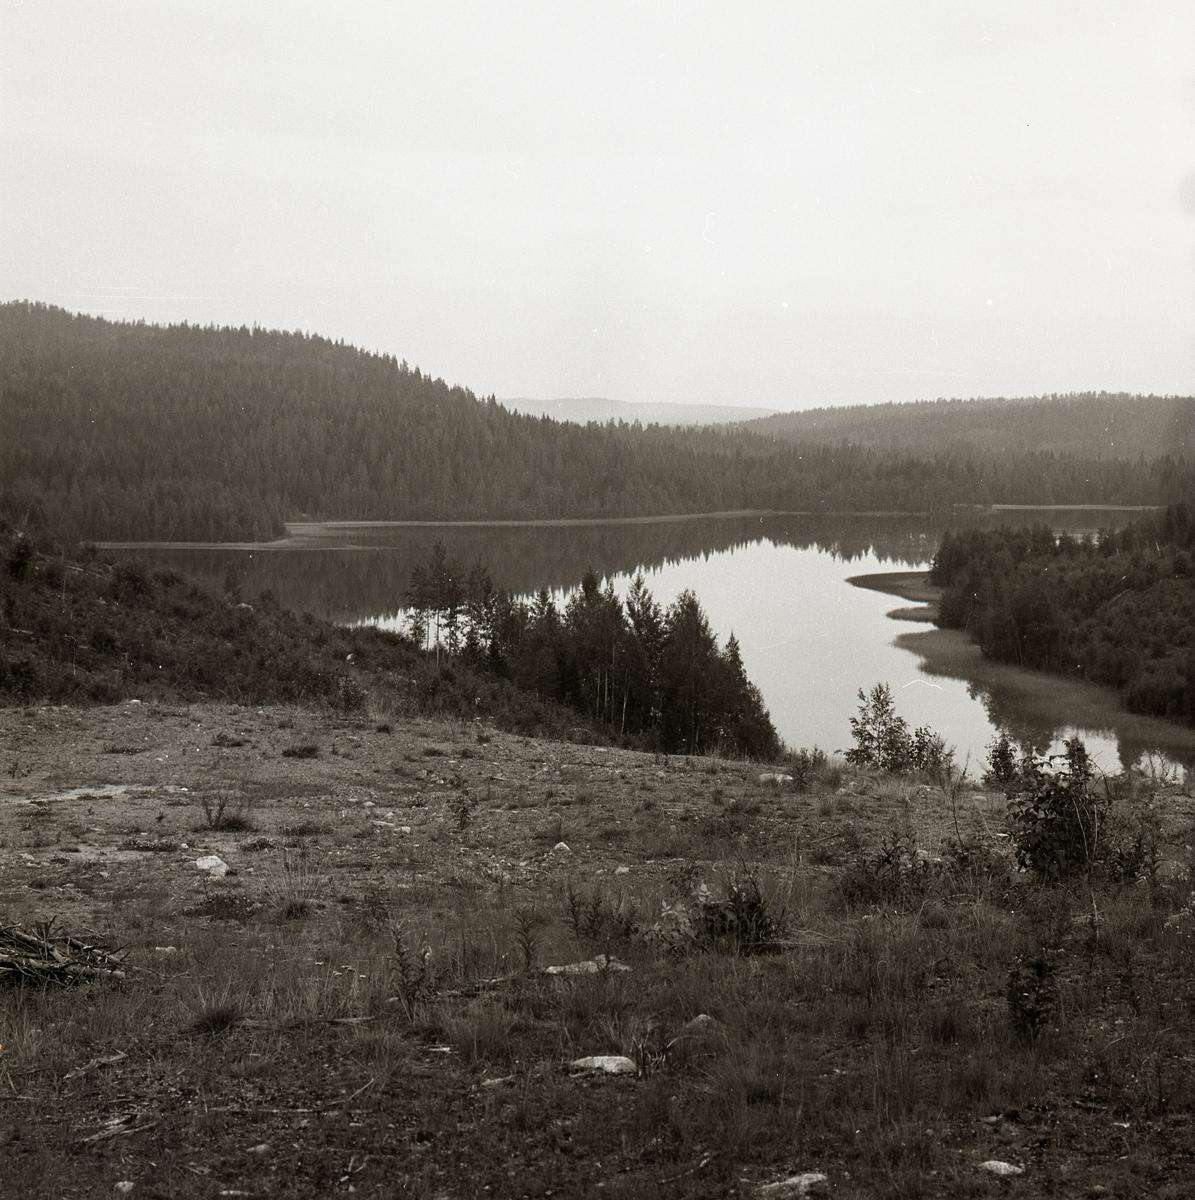 Utsikt över Peresjön i Örnsköldsvik.